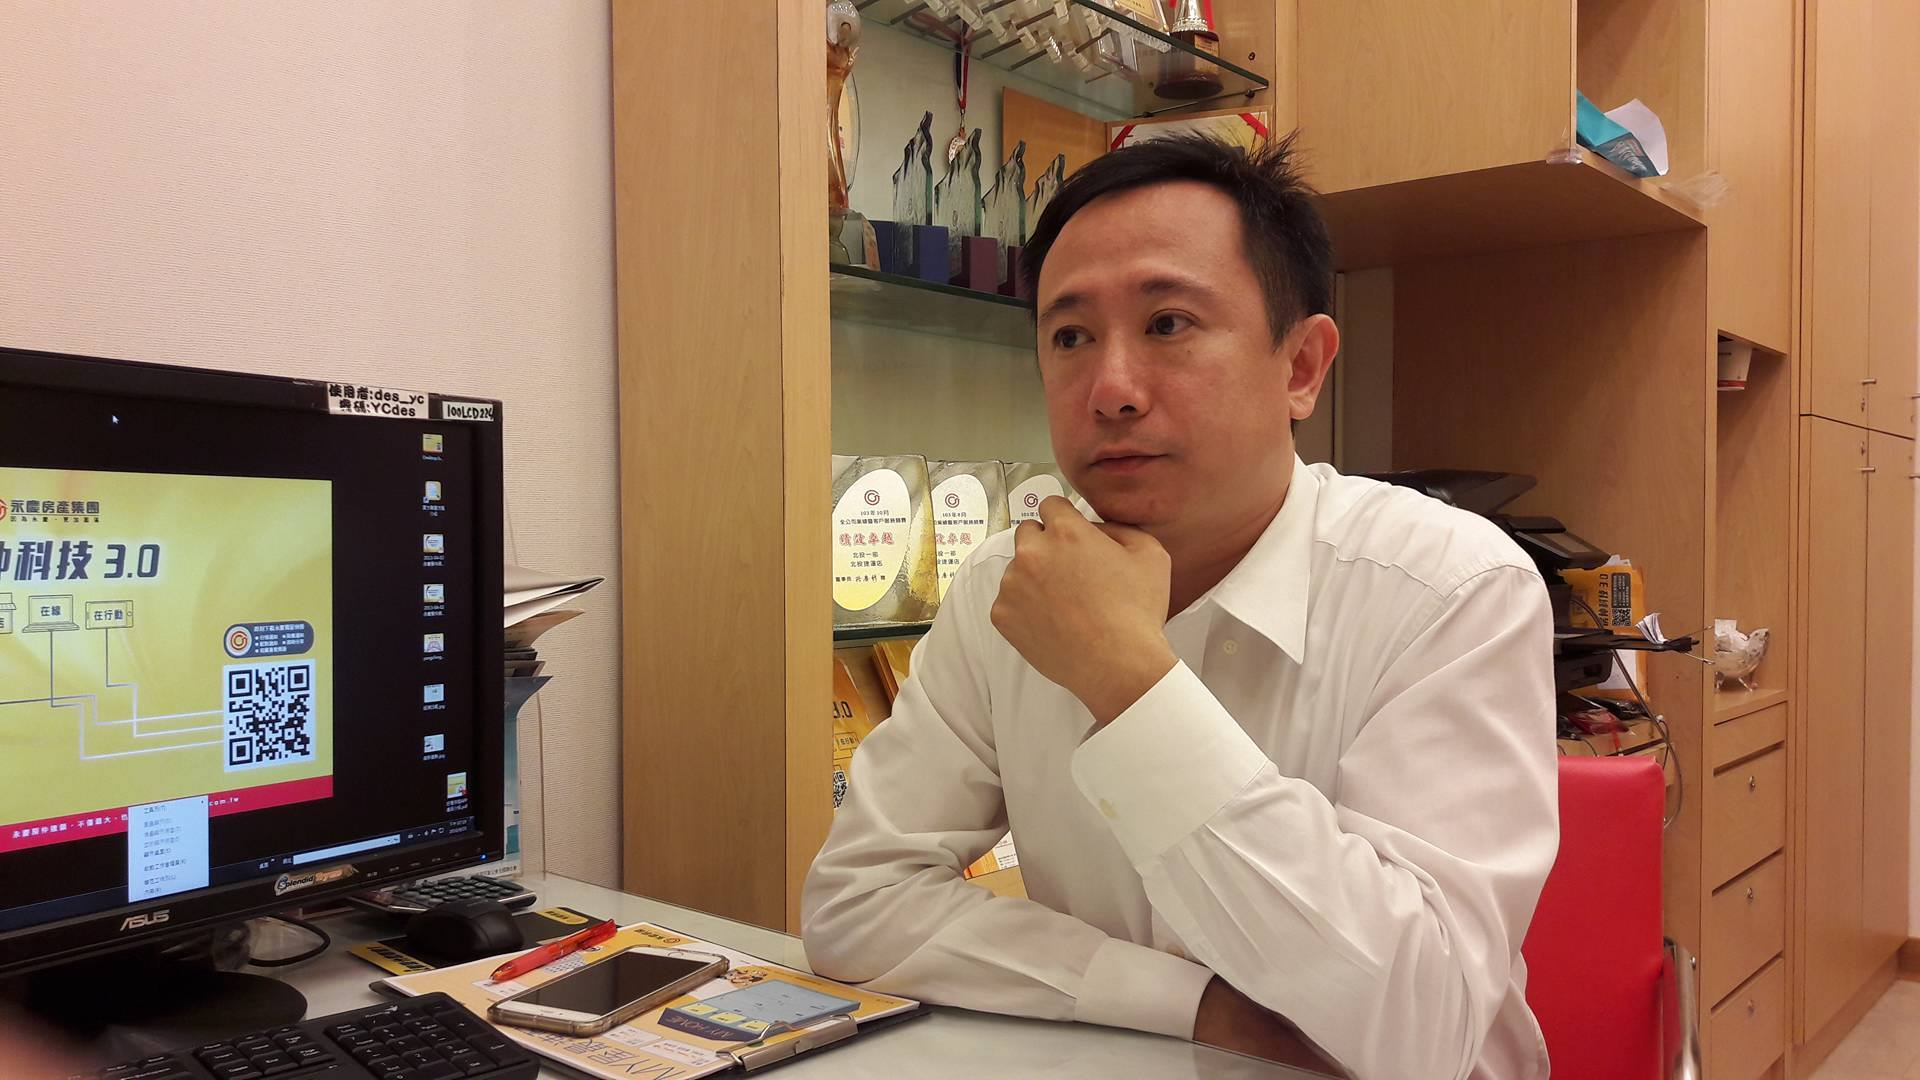 潘麒安給未來想買房的青壯年建議,看房時要留意格局與採光,以及附近環境的生活機能。 (攝影/程沛茜)